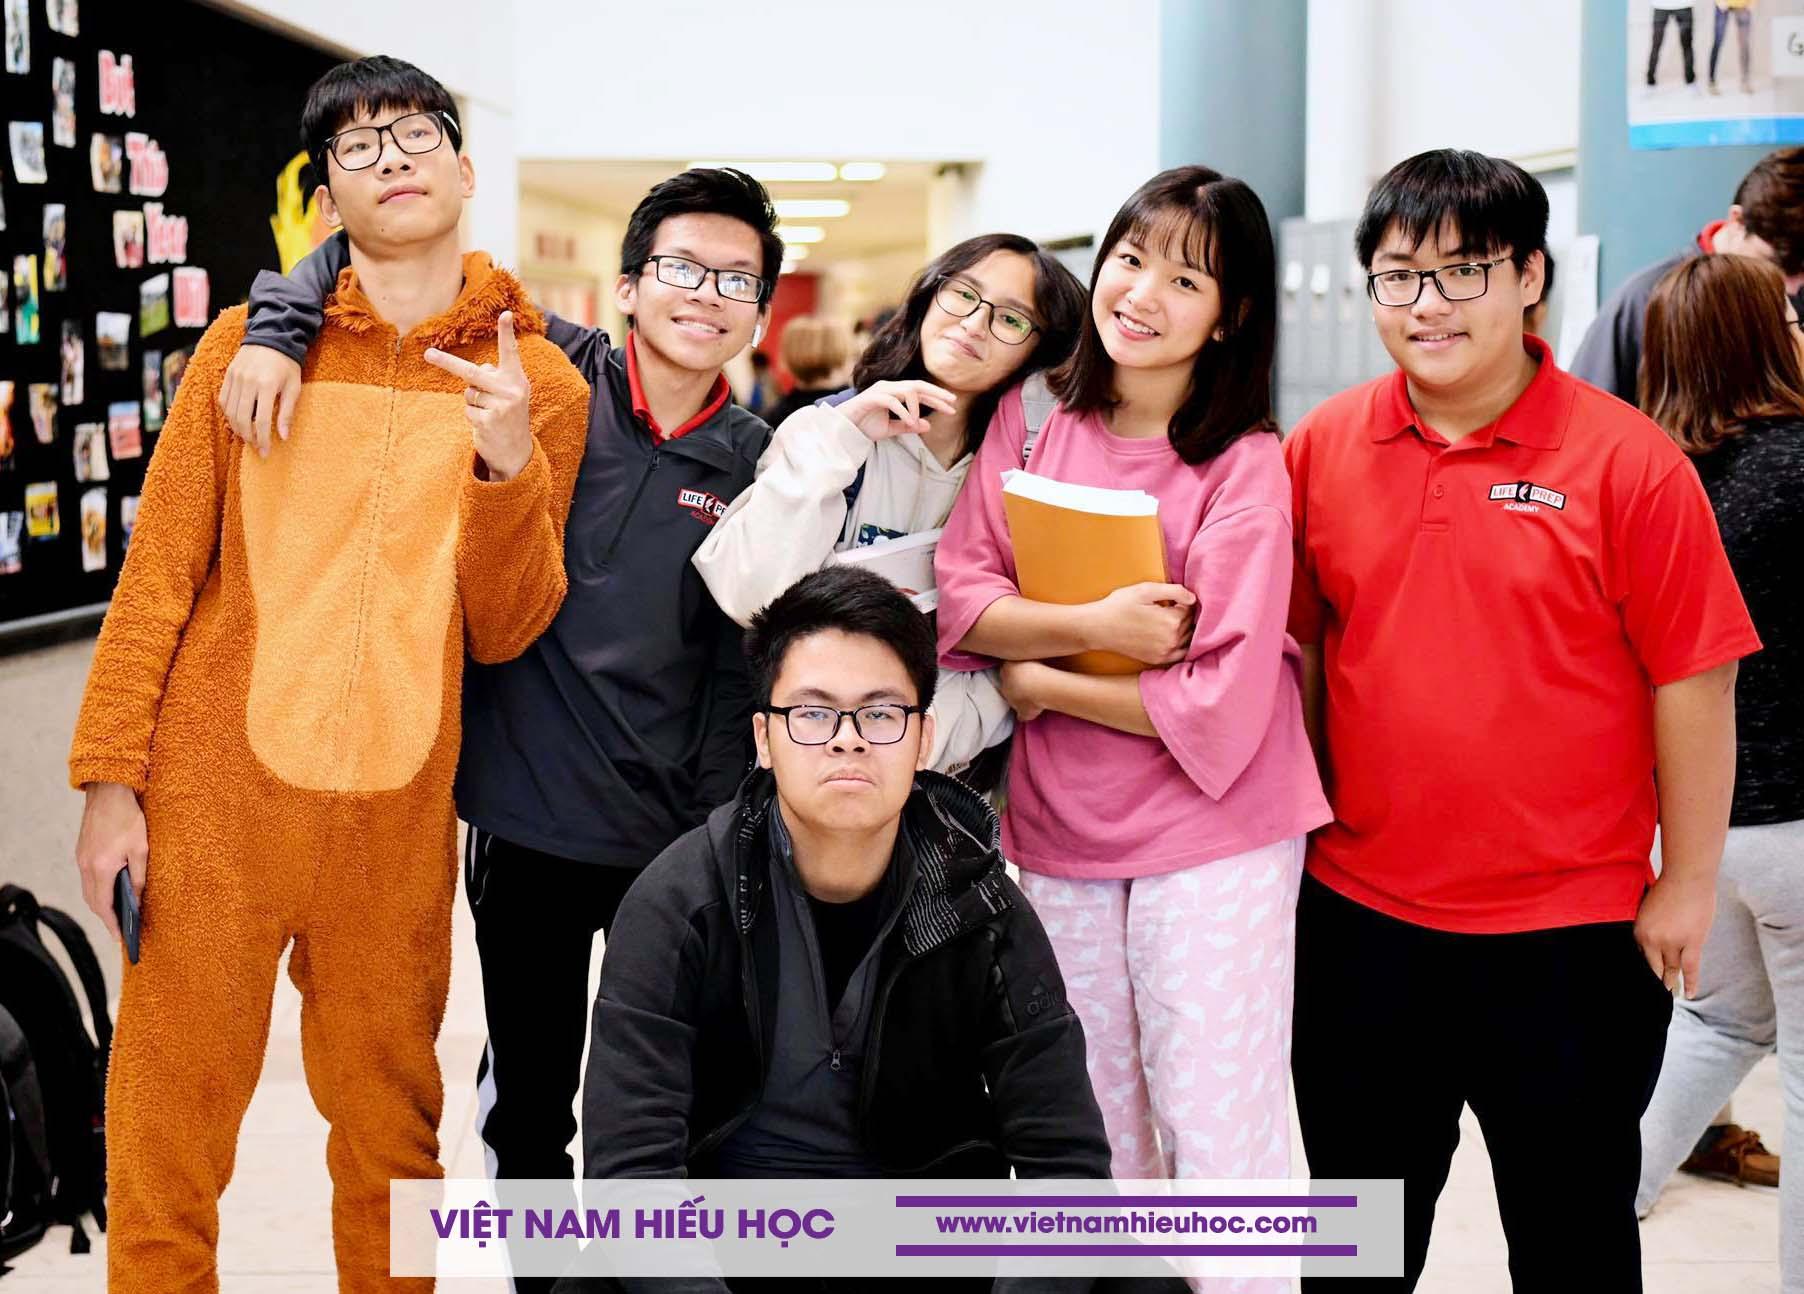 Học sinh Life Prep Academy được hỗ trợ nhiệt tình trong quá trình ứng tuyển Đại học